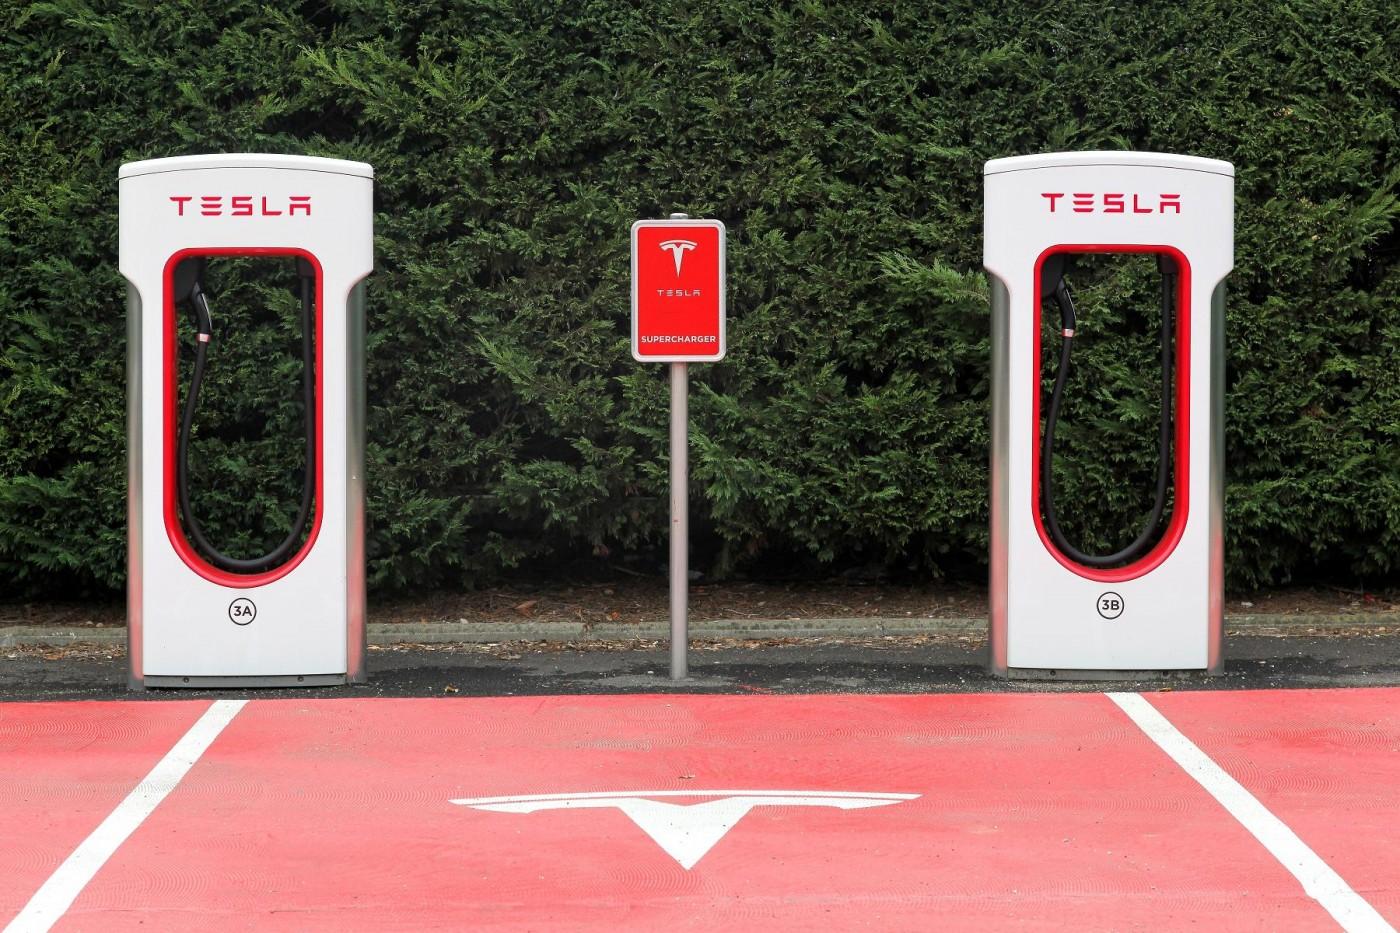 等充電太無聊?特斯拉考慮替超級充電站增加新功能